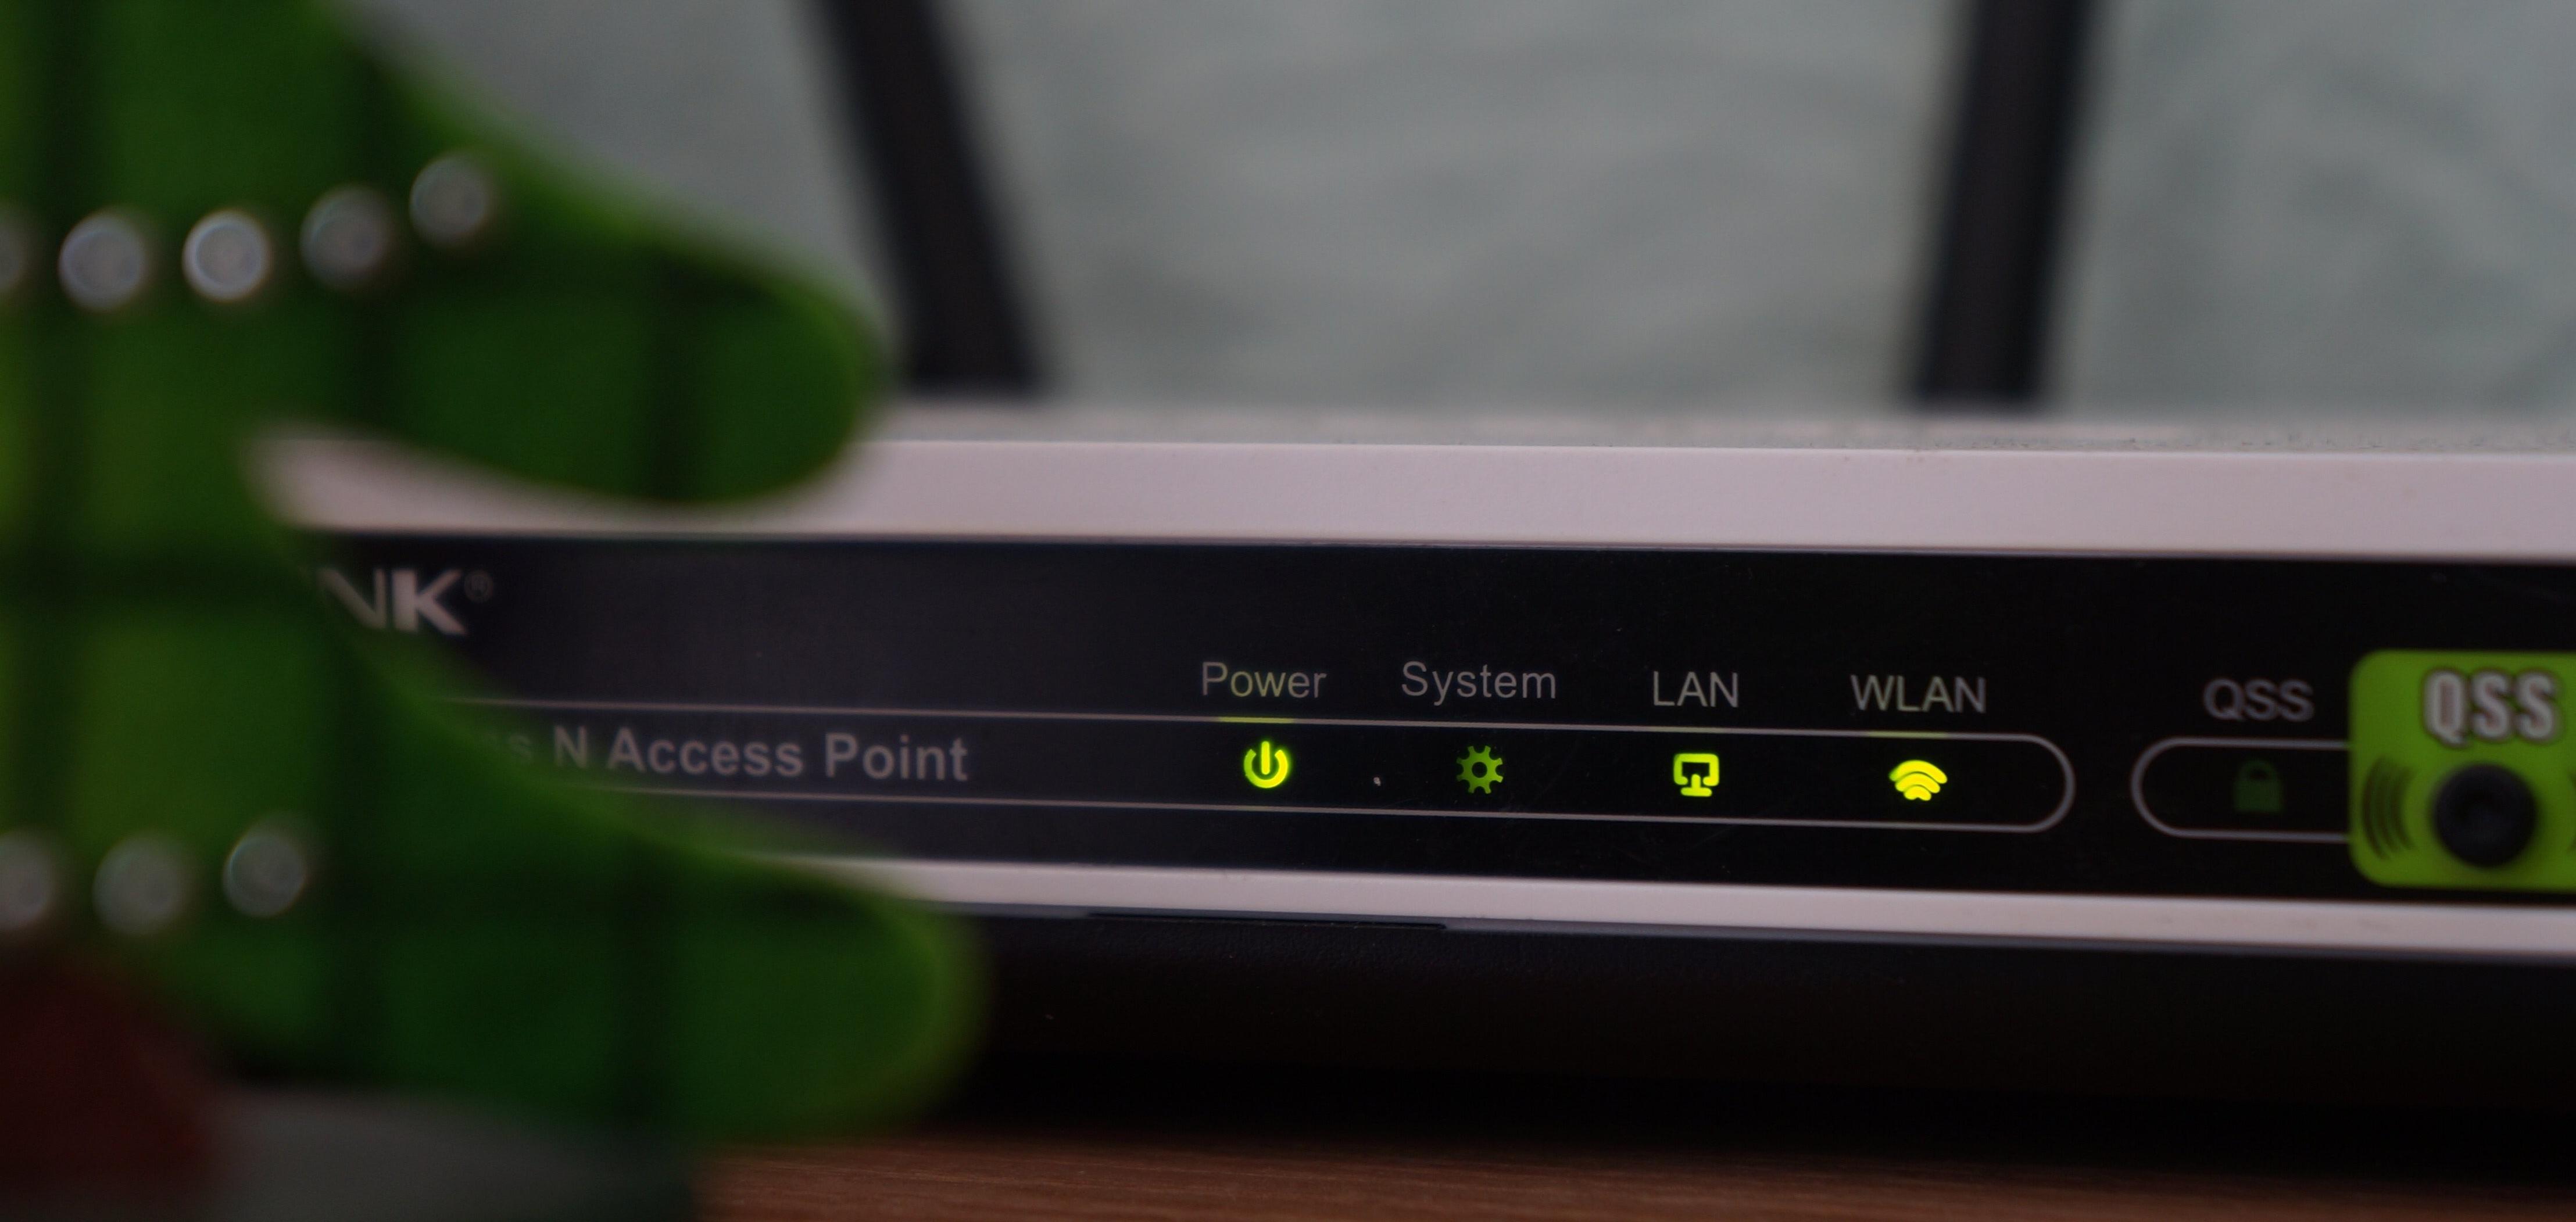 router wifi conexion internet conectados hoteles wifi bares-550392-edited.jpg